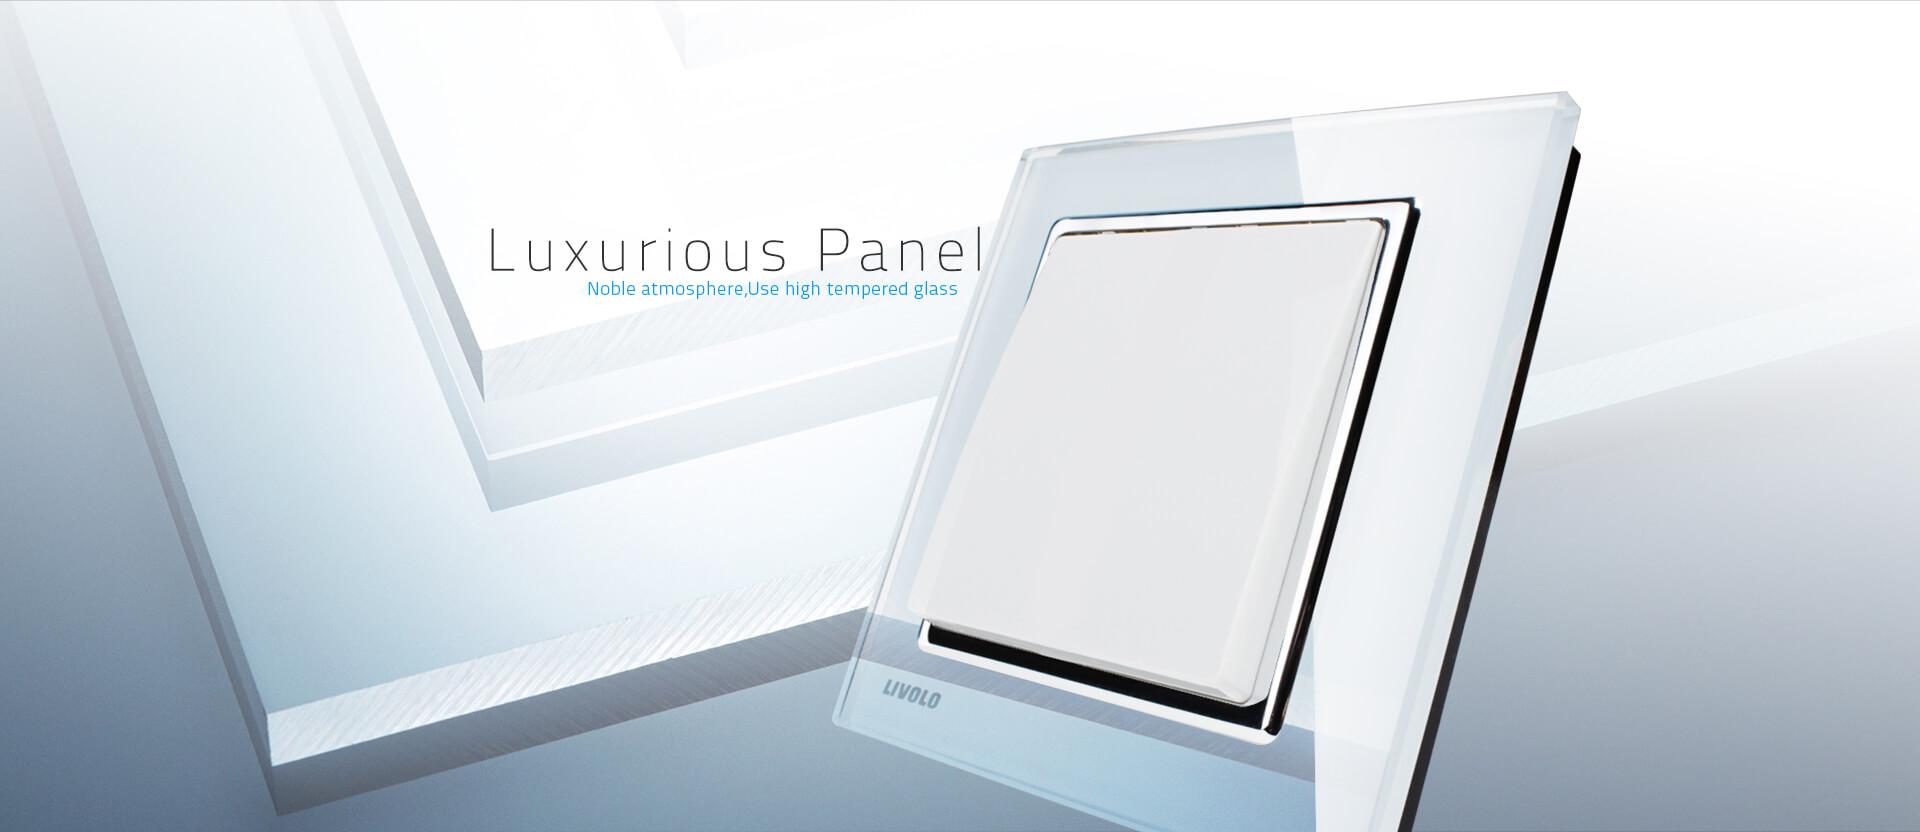 sklenene-vypinace-www.dizajnovevypinace.sk_